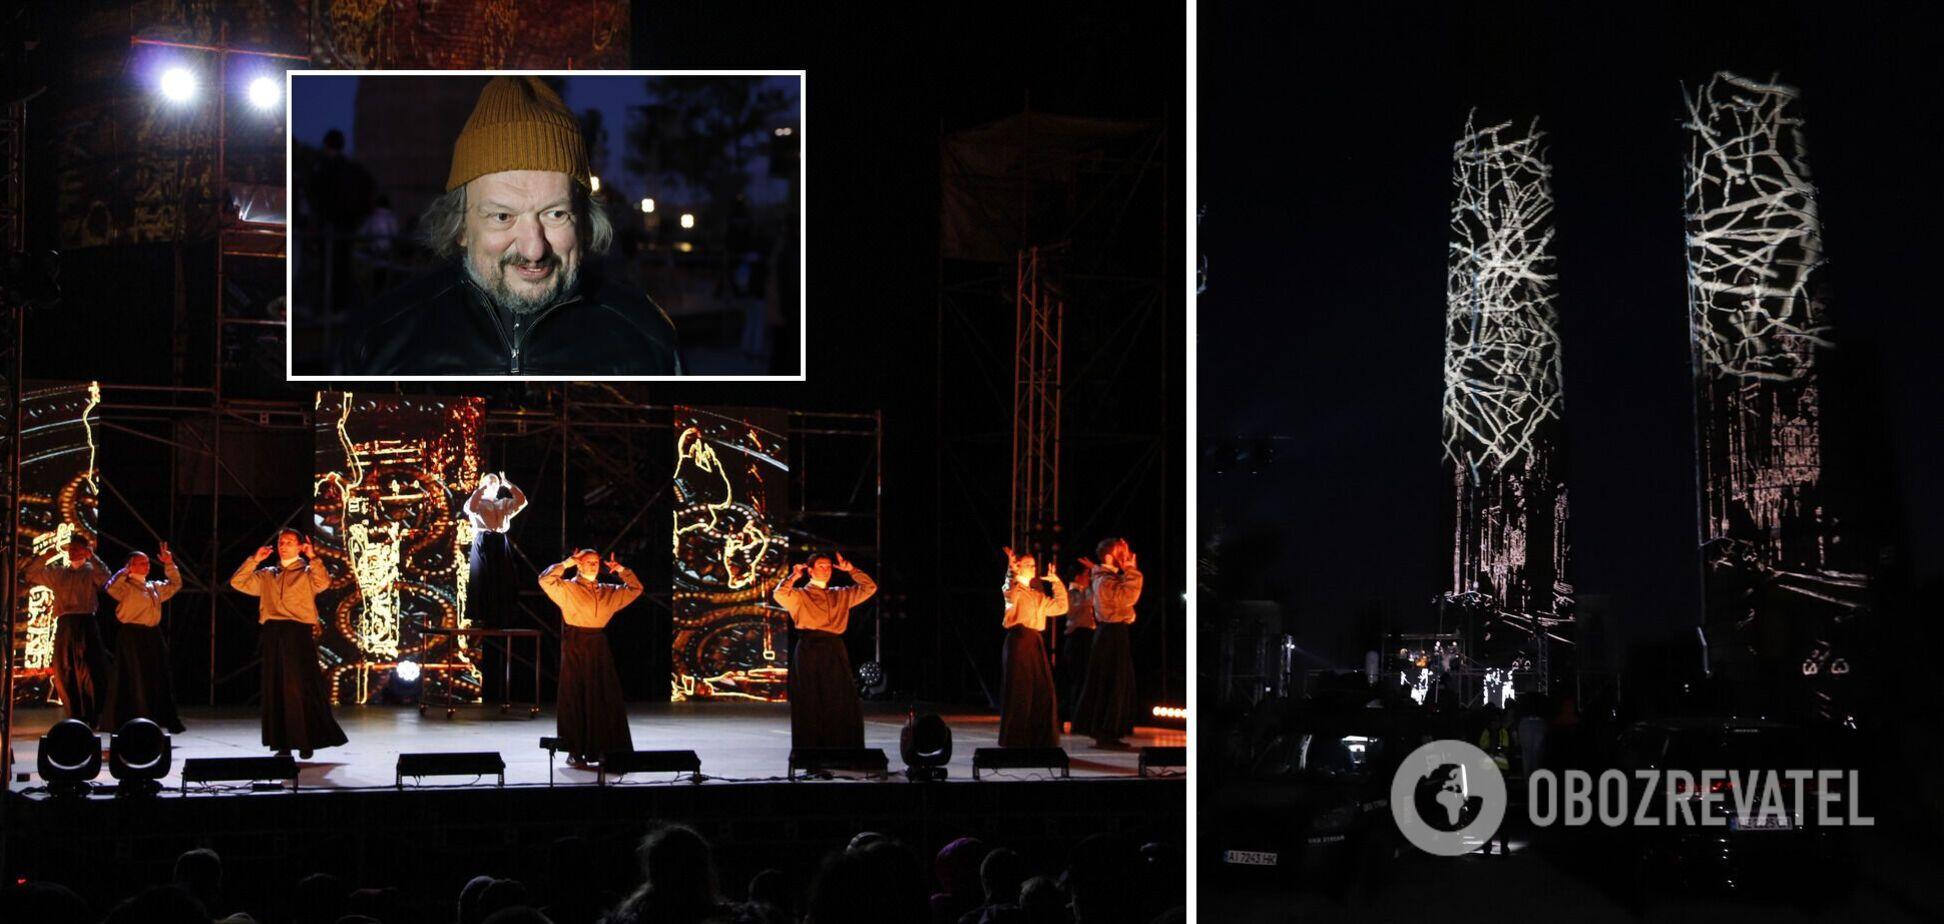 В Дніпрі у рамках 'DniPro ГогольFest' показали виставу 'ТРУ' від режисера Влада Троїцького